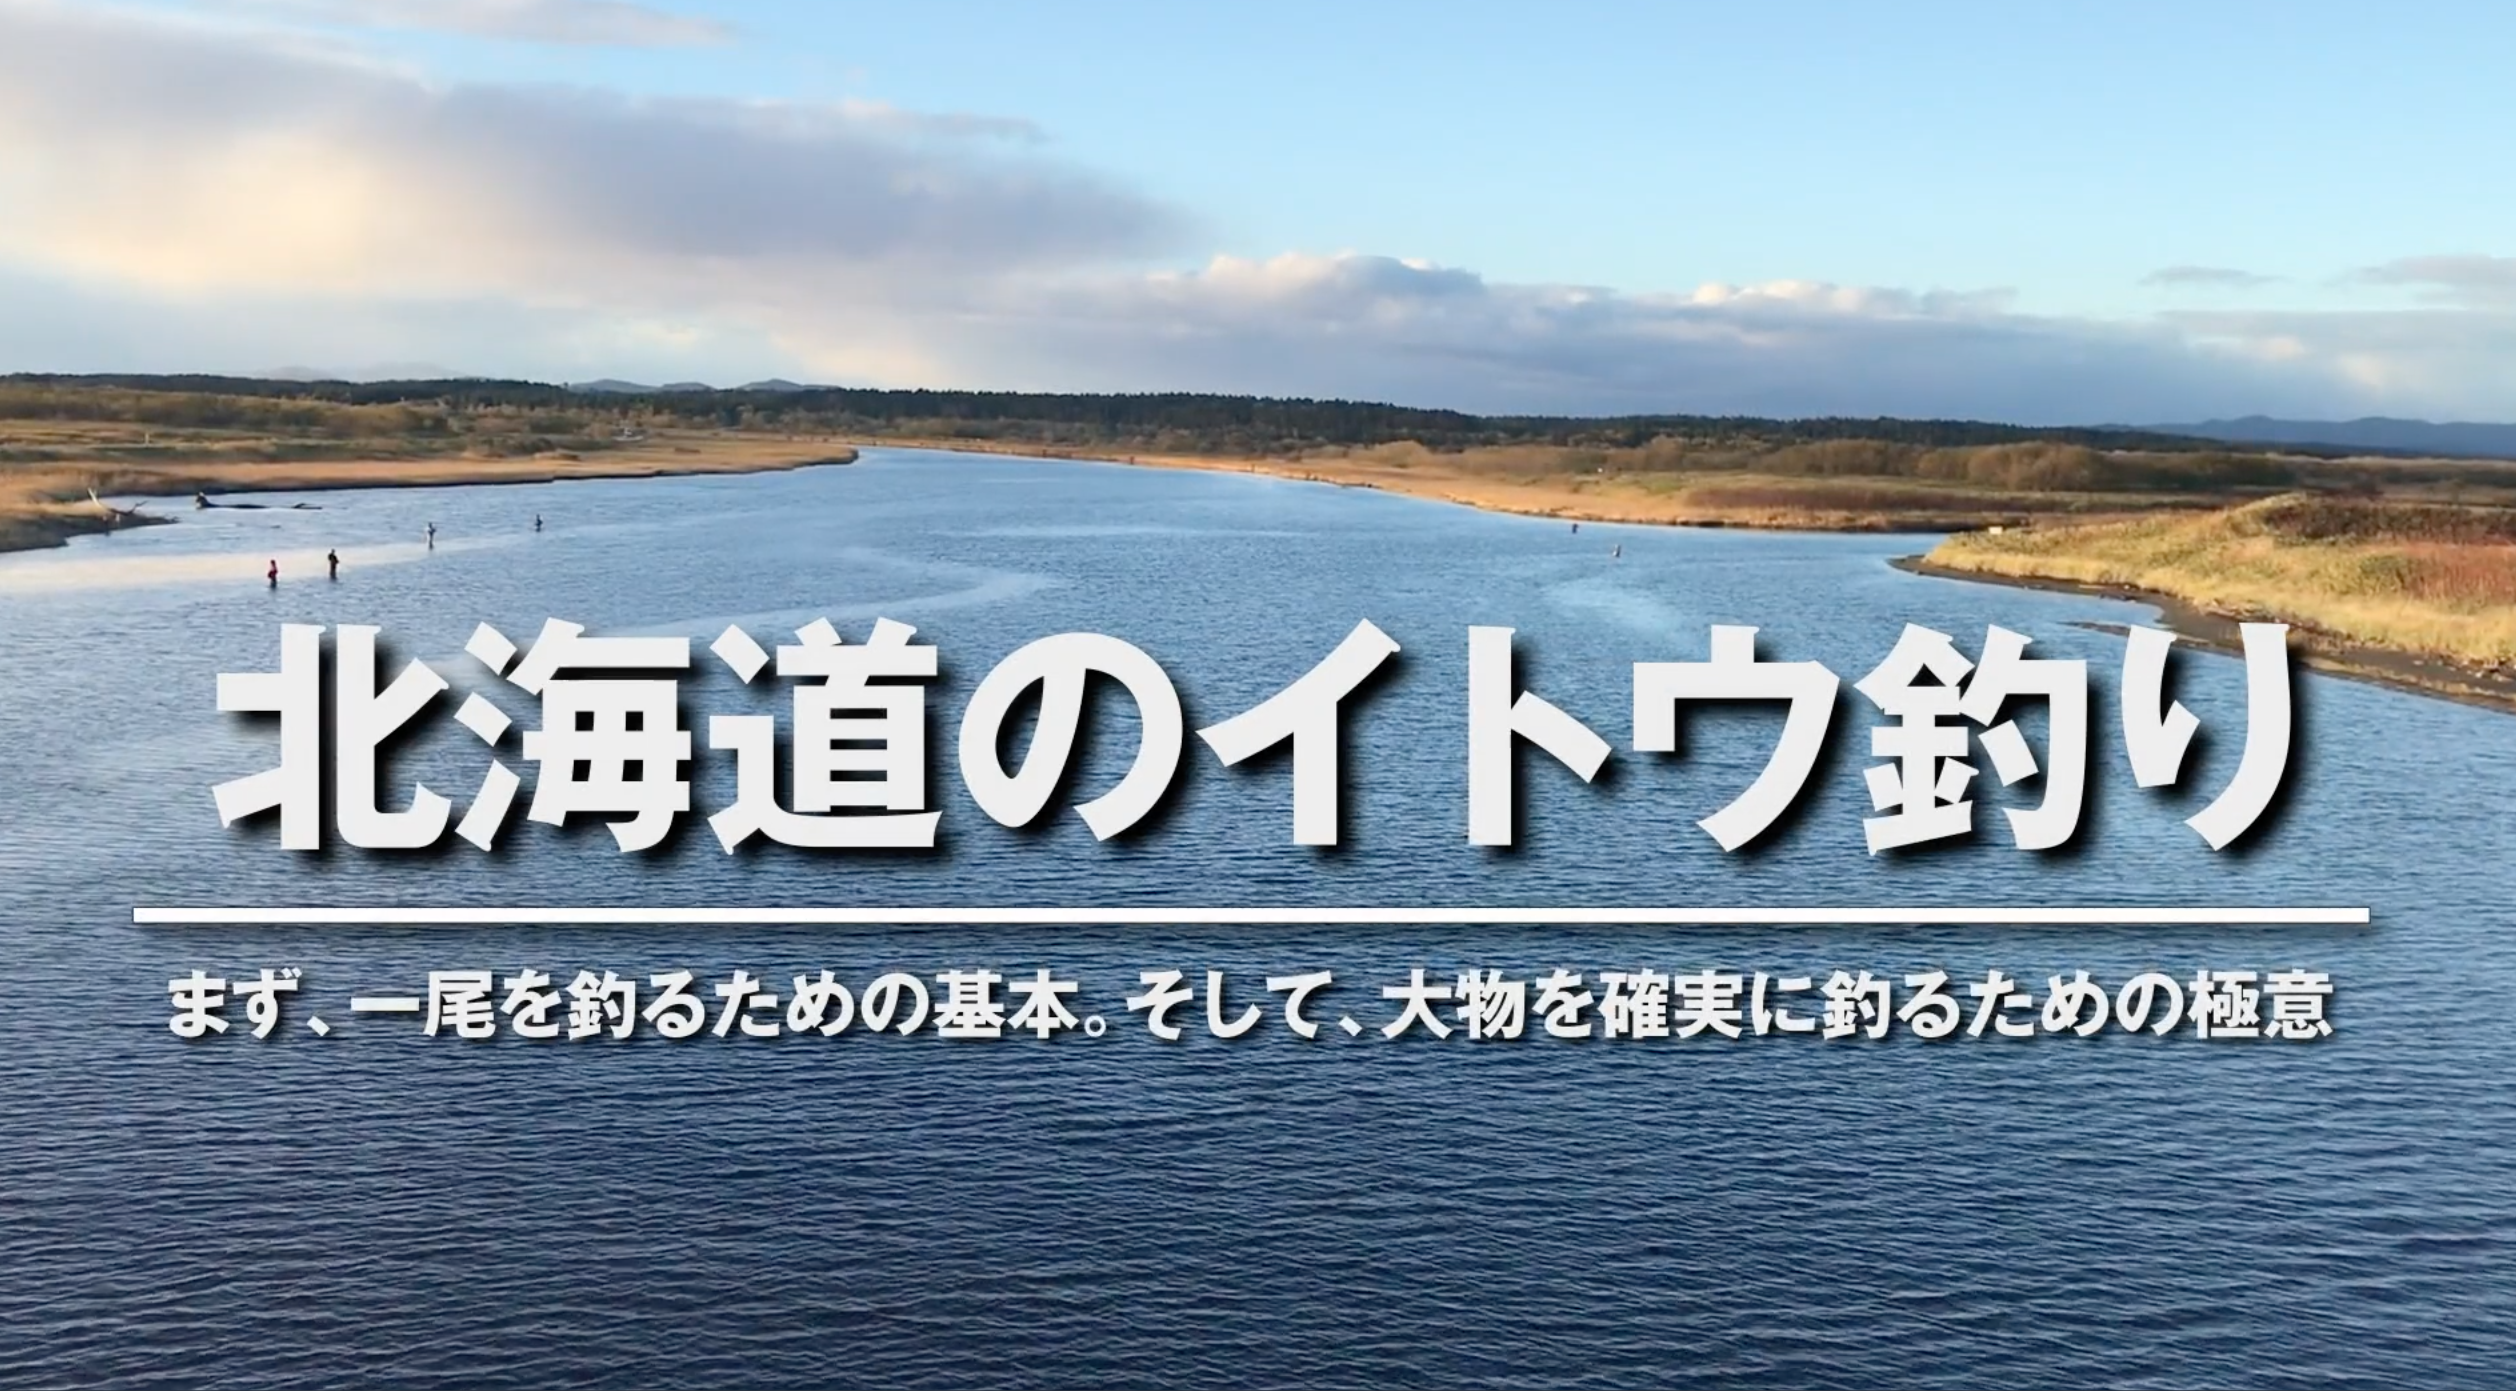 北海道のイトウ釣り Complete